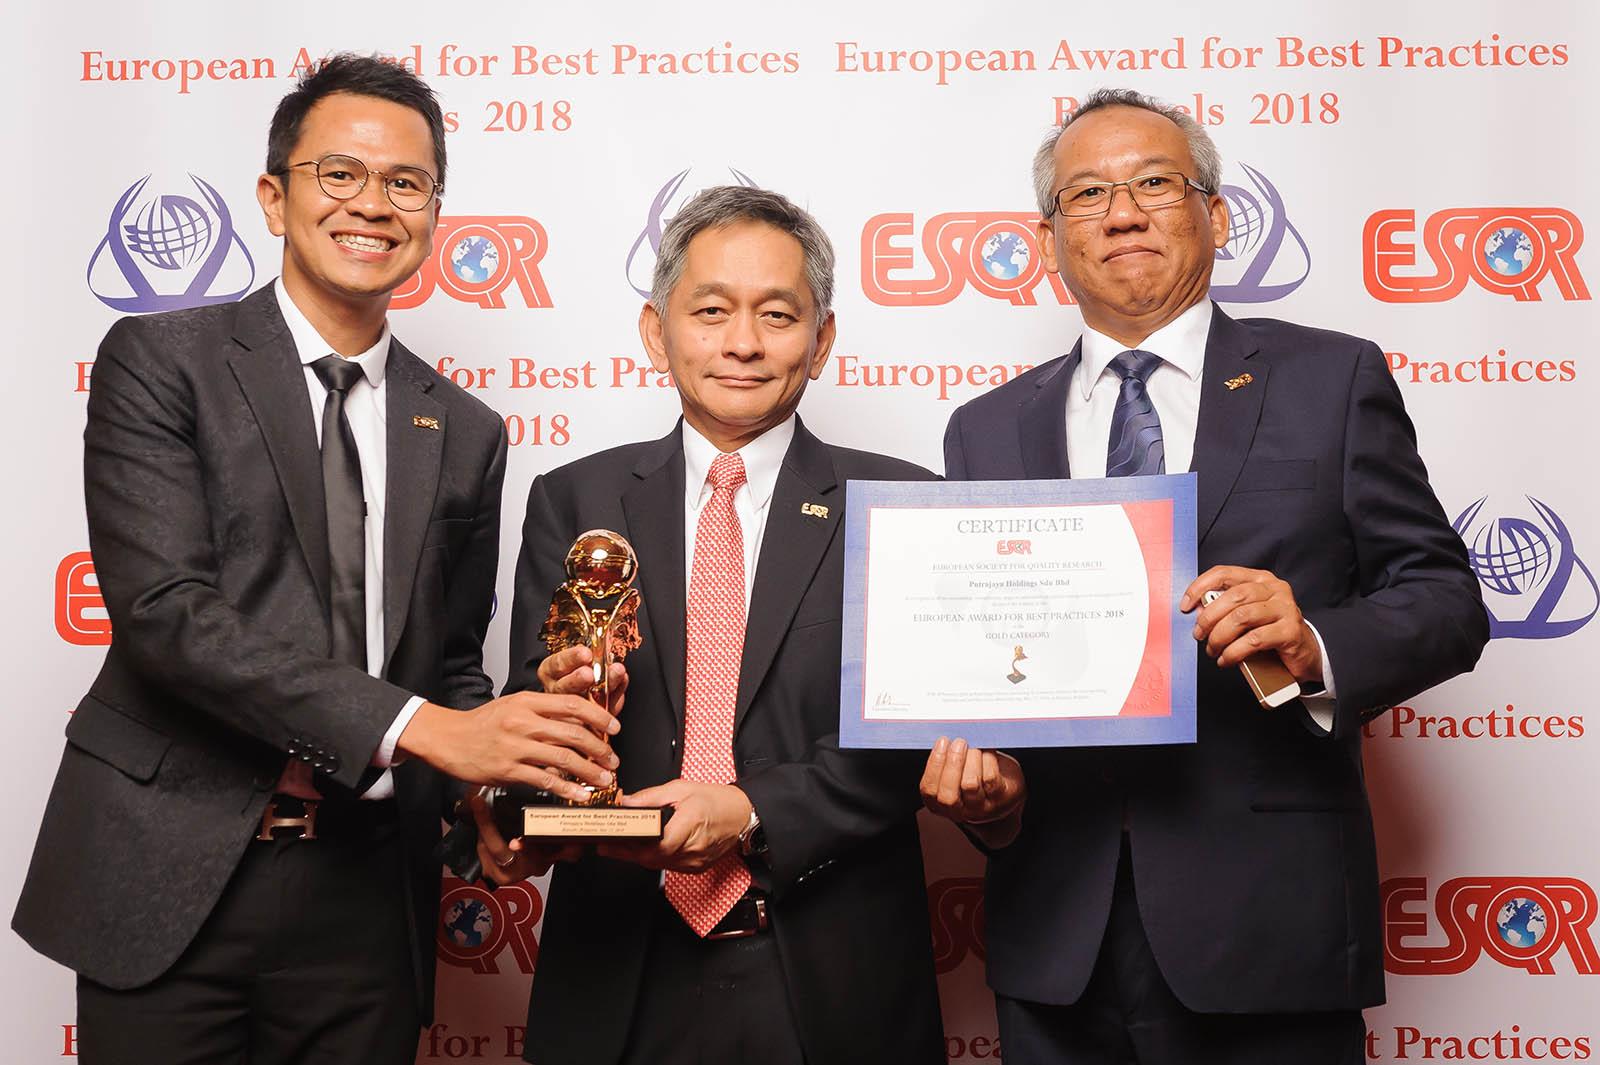 12 May 2018: ESQR Award 2018 1